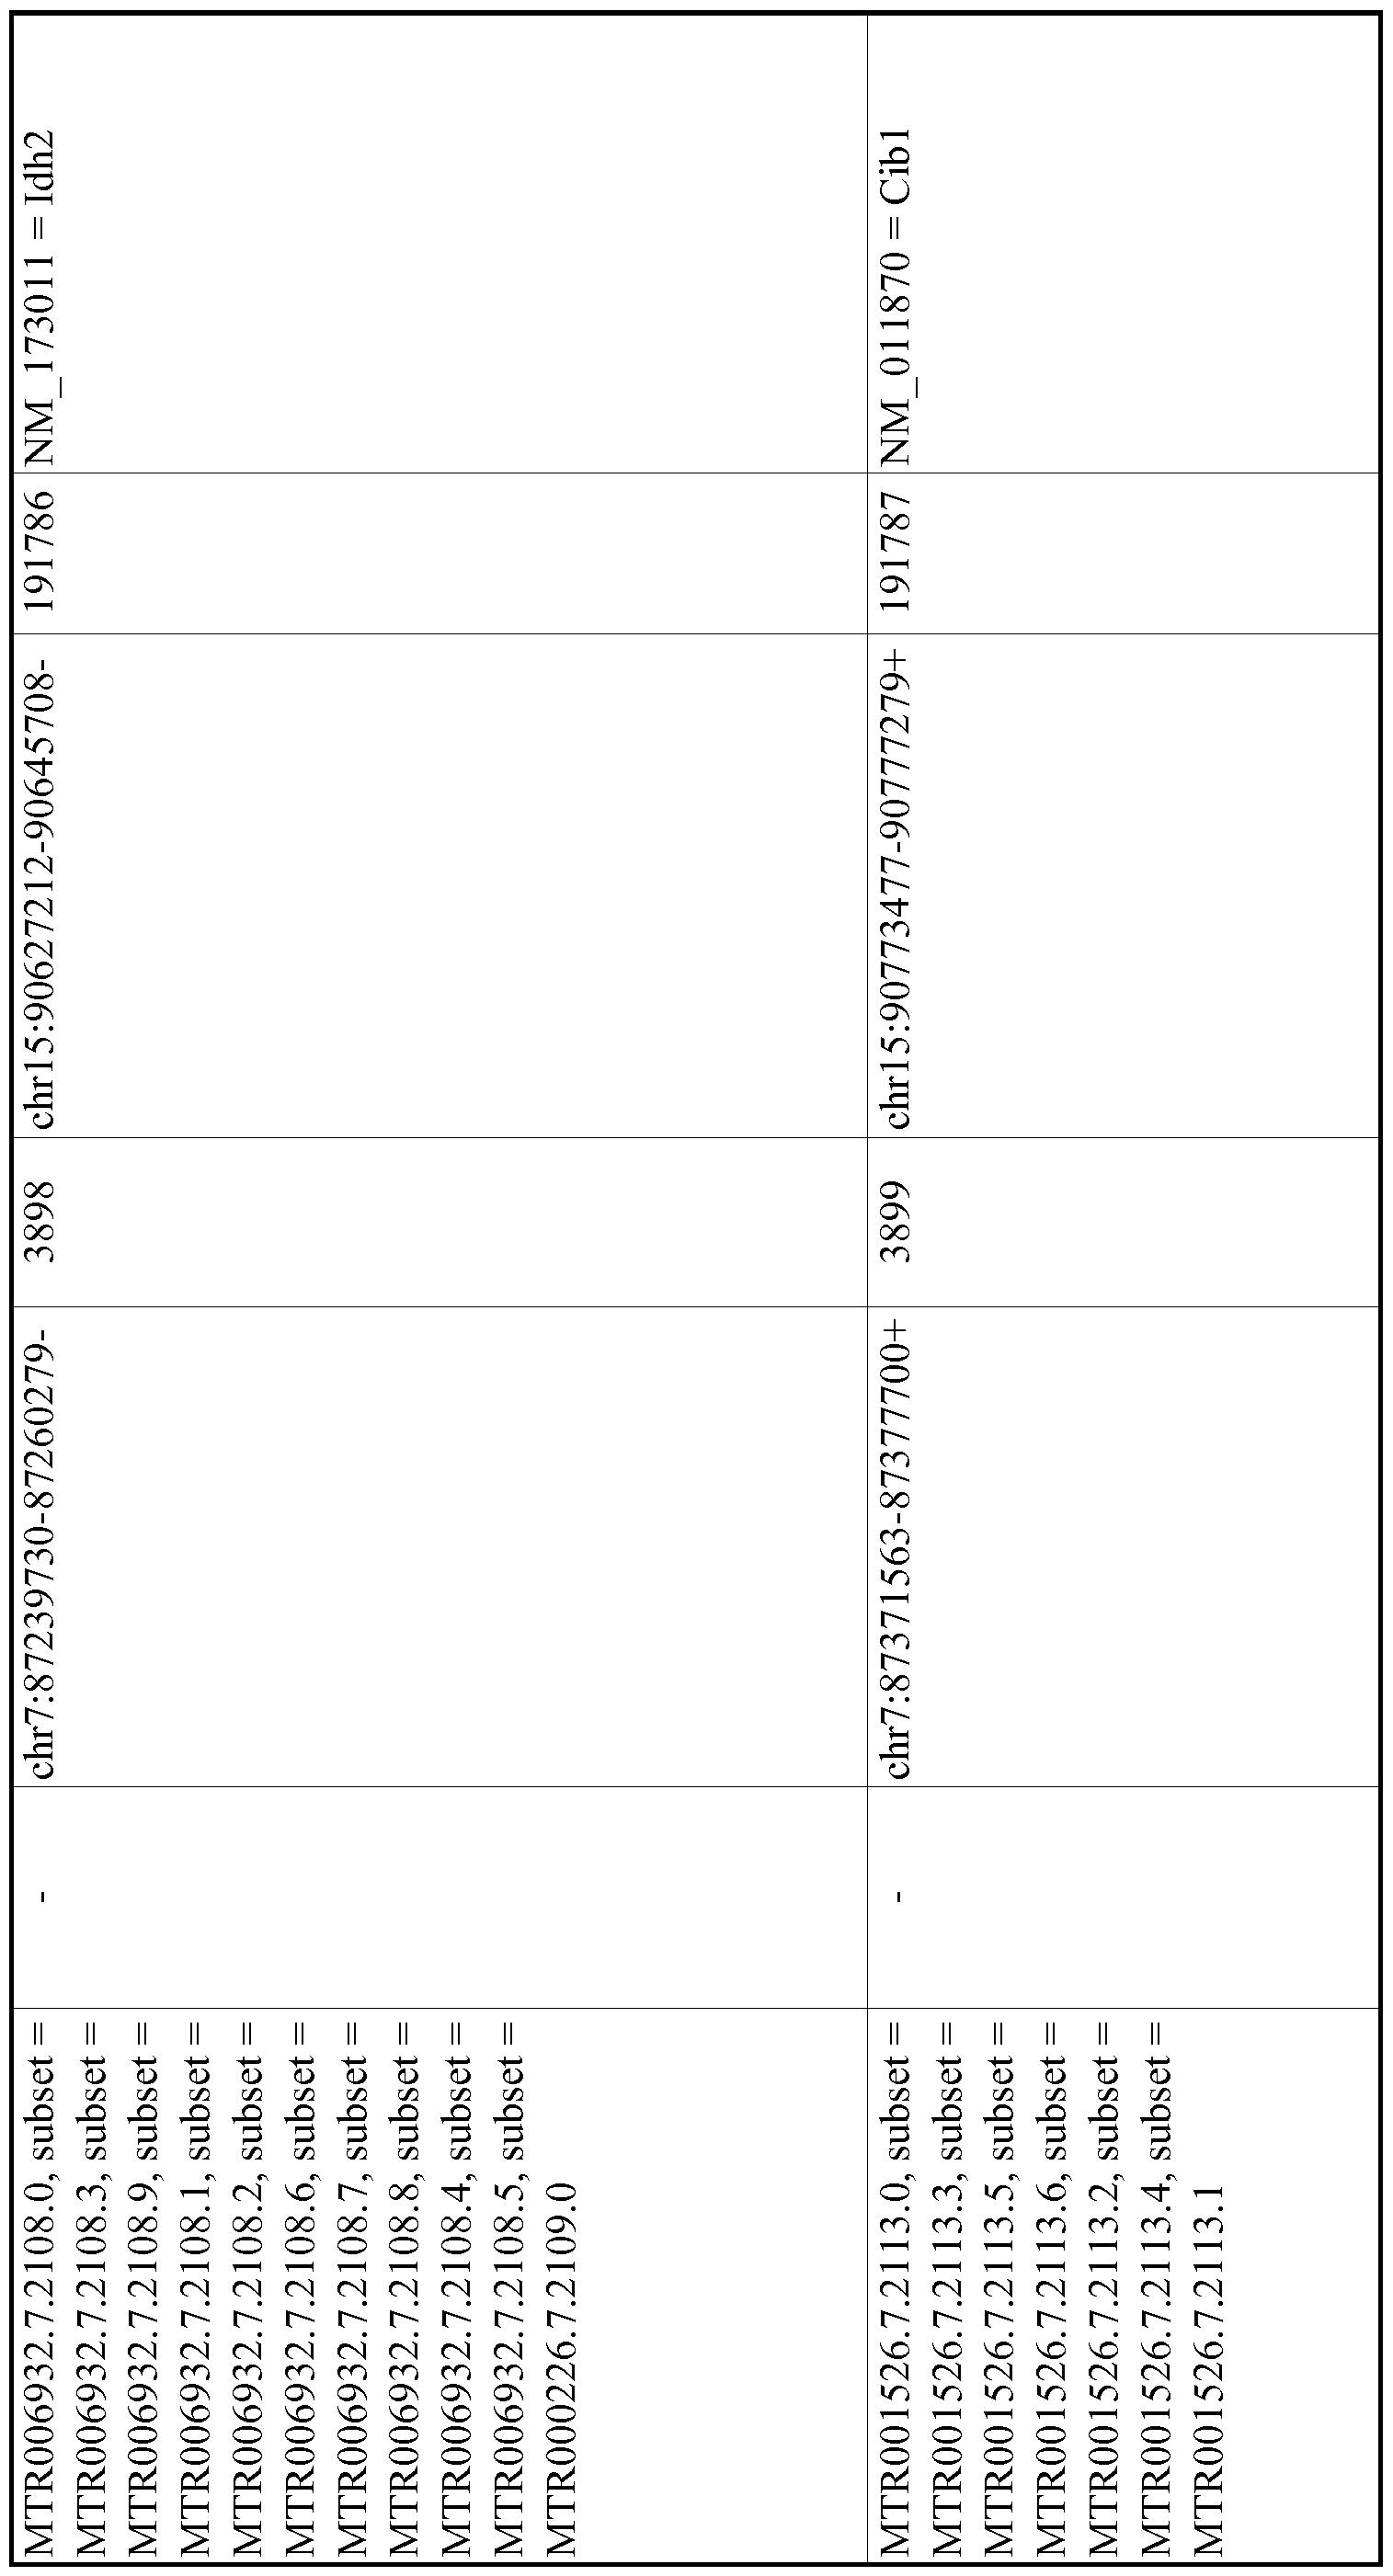 Figure imgf000746_0001